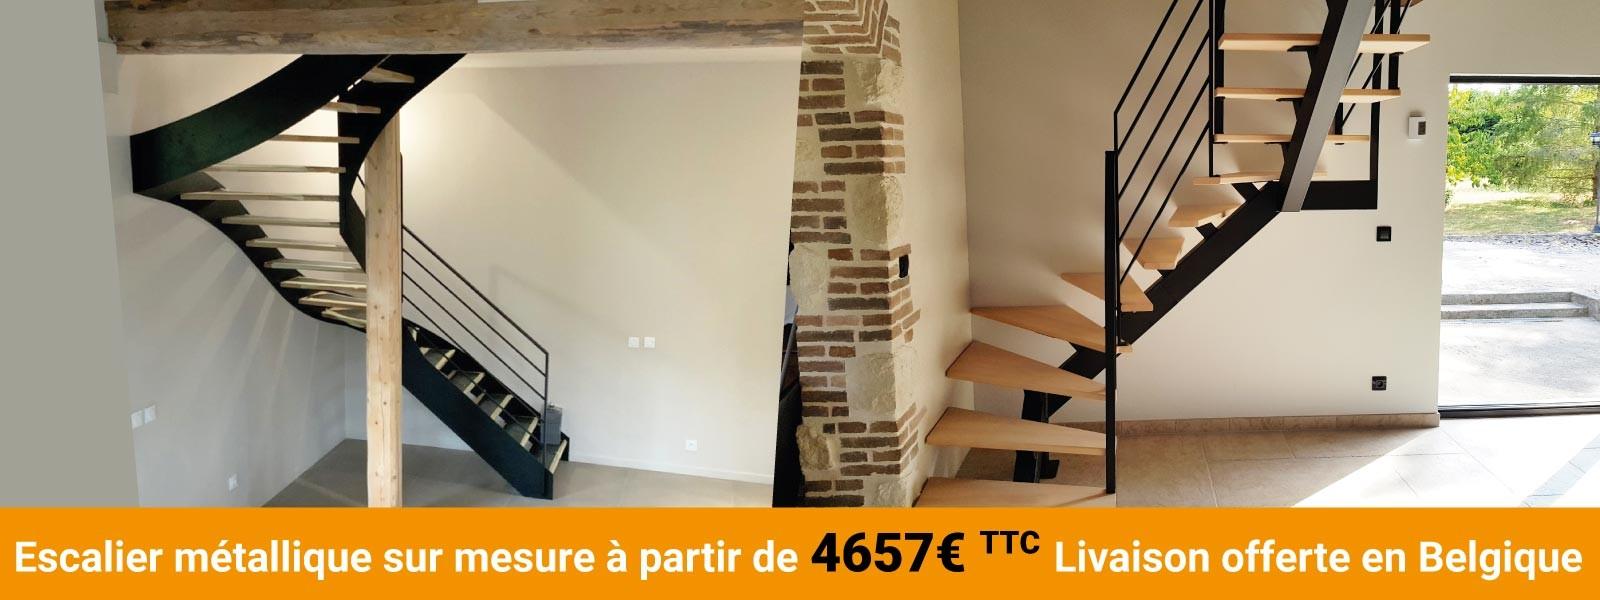 Oéba : escaliers métal sur mesure à installer soir même et vendus en ligne en Belgique